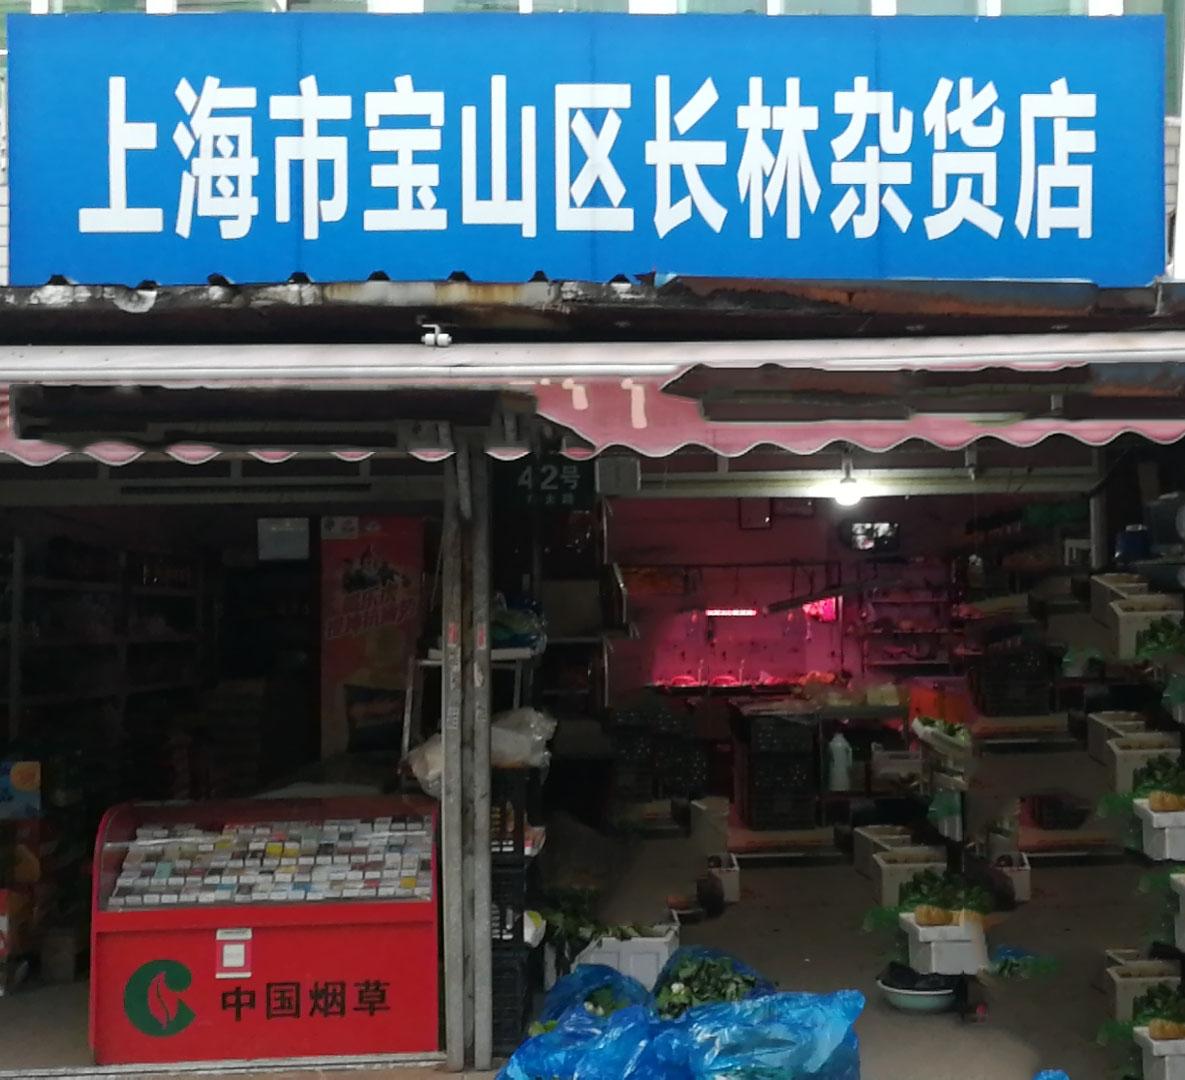 上海春景有限公司